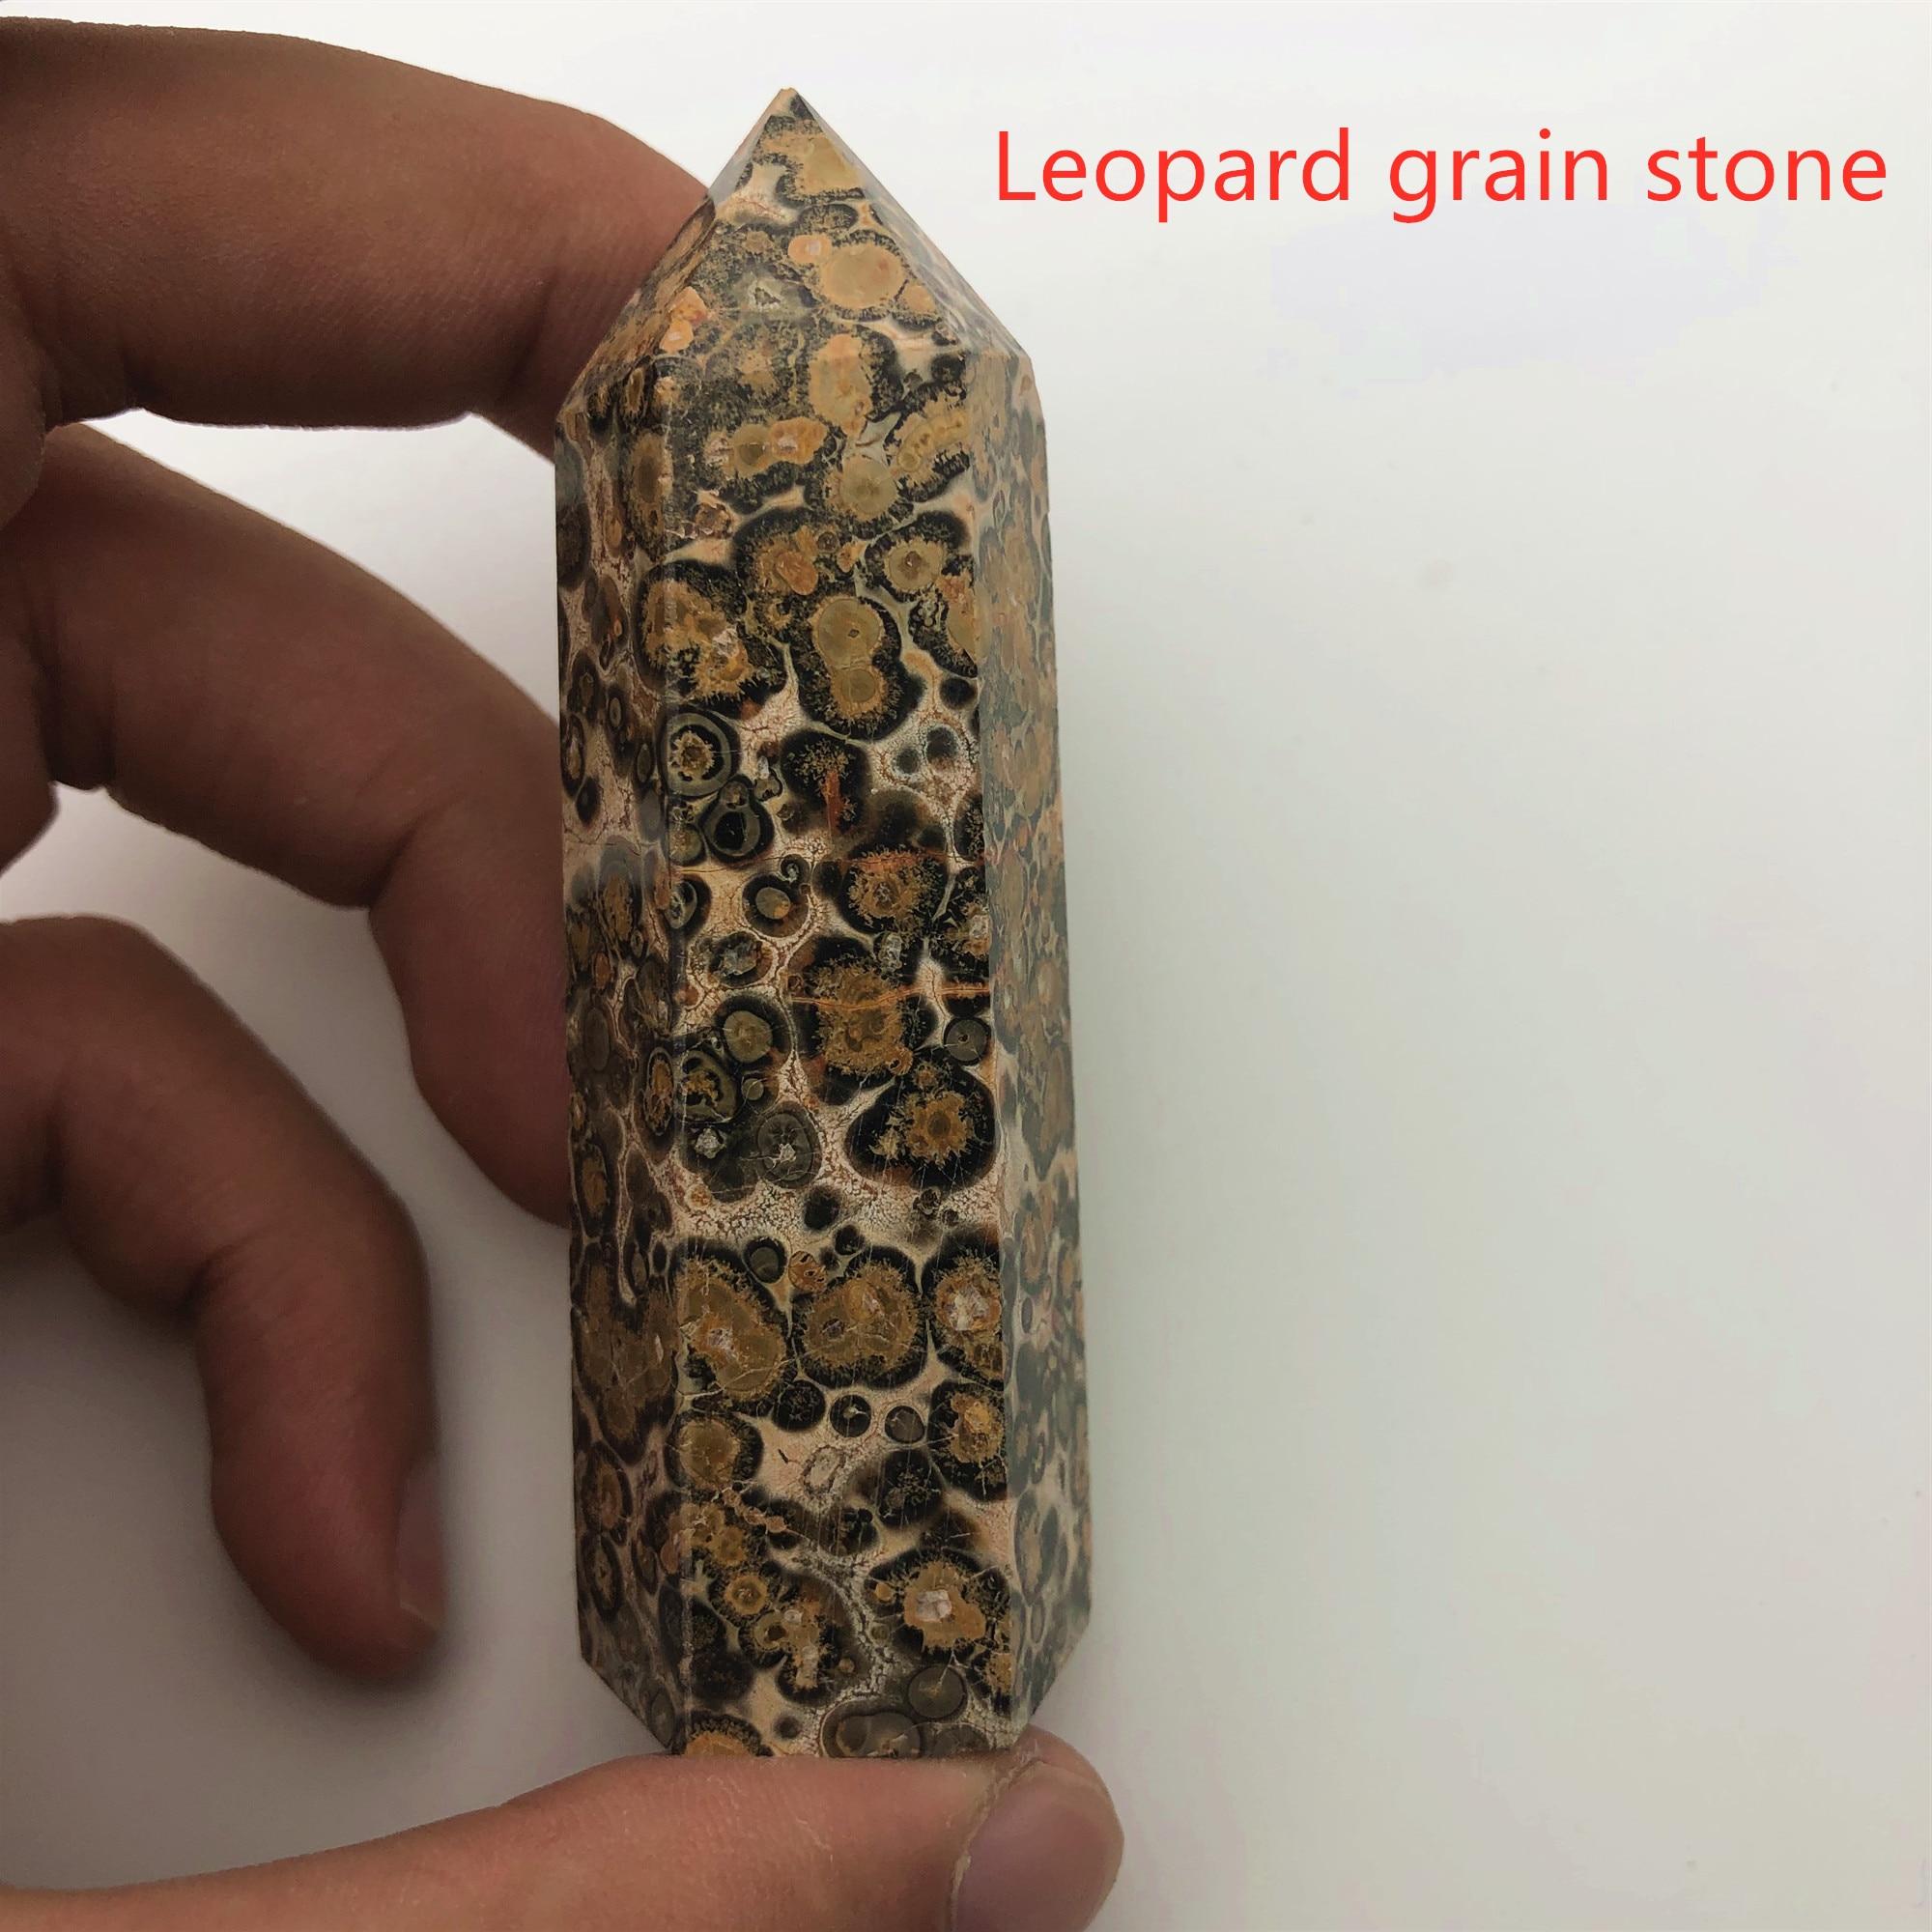 24 камень точка набор башня Wicca Исцеление Кристалл шестиугольник природные минералы волшебная палочка домашний декор аметист розовый кварц - Цвет: Leopard grain